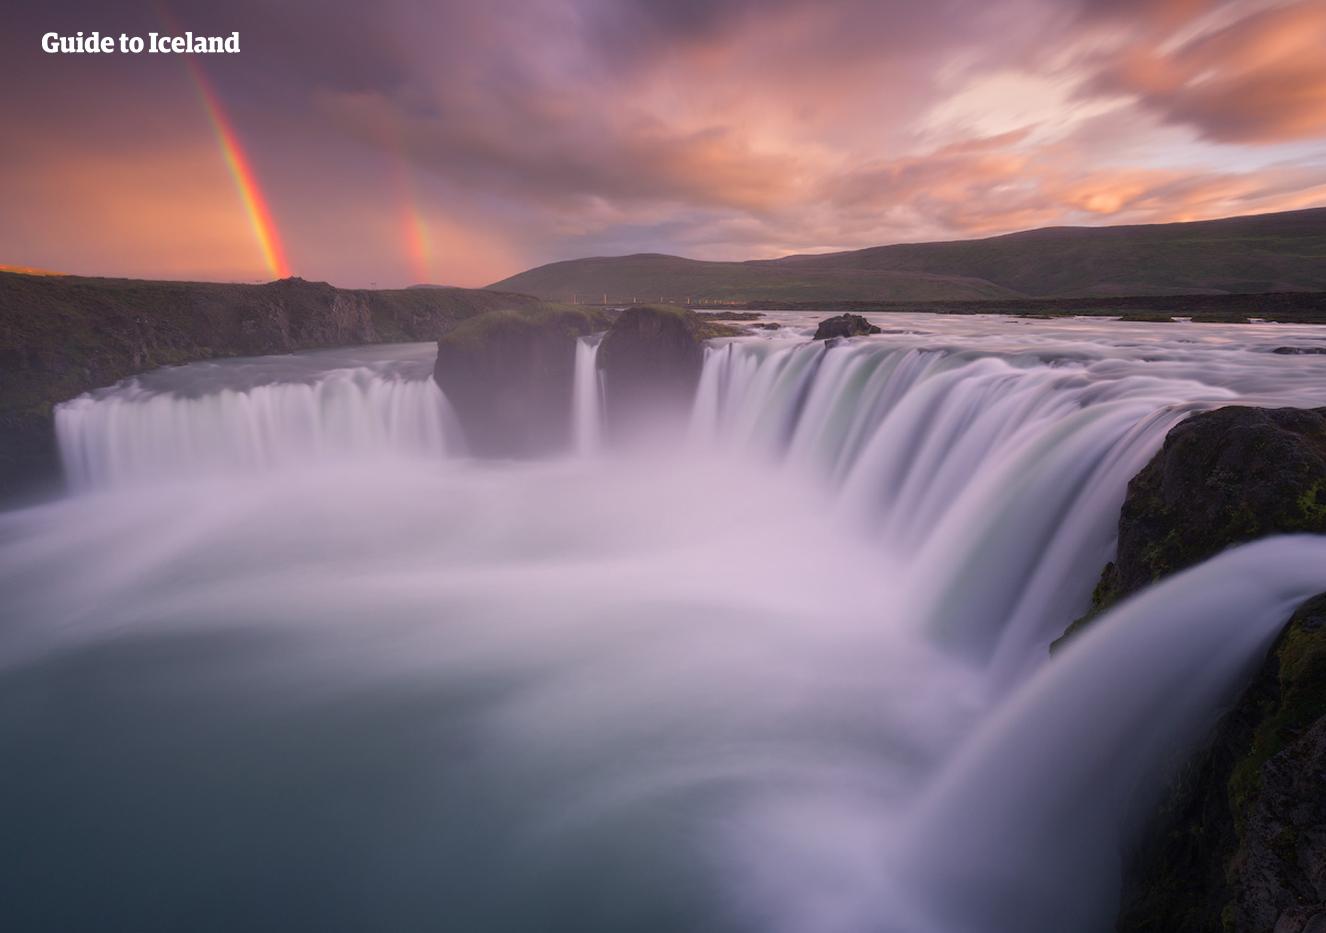 Der Wasserfall Godafoss in Nordisland